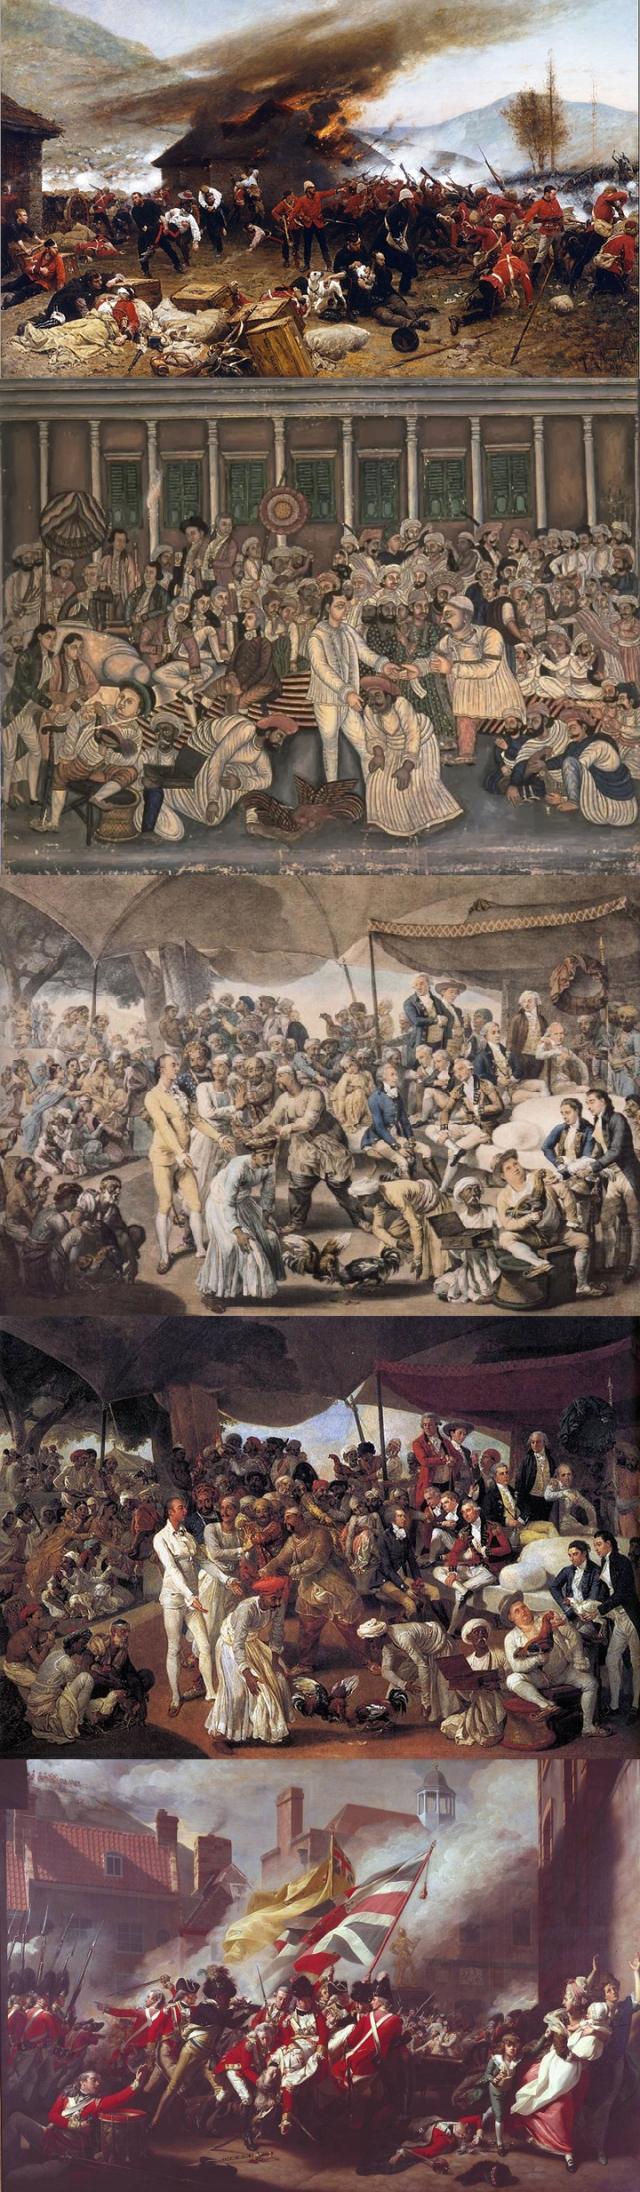 Alphonse de Neuville + Anon (1850 India) + Richard Earlom + John Zoffany + John Singleton Copley